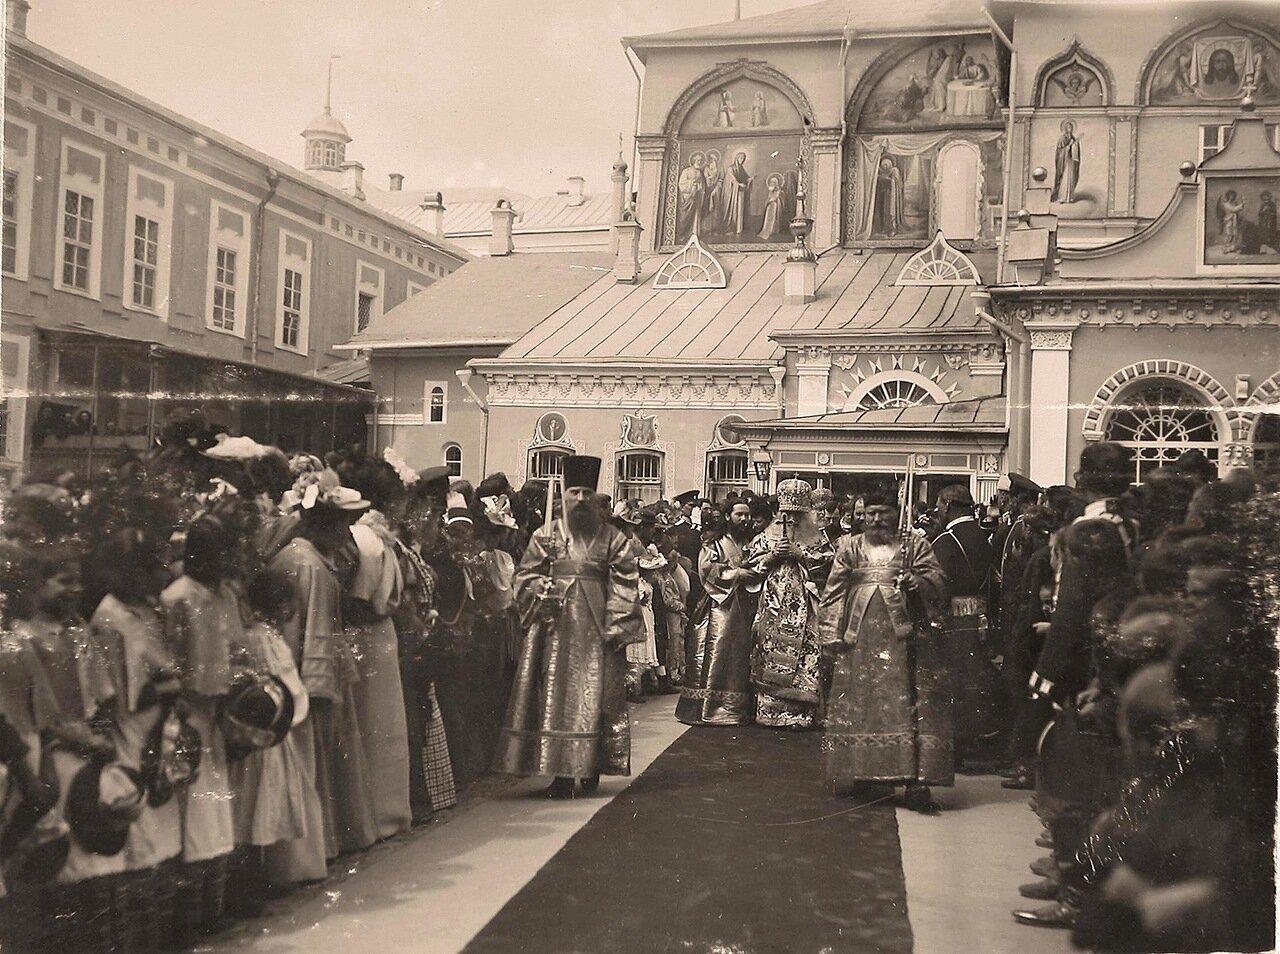 Император Николай II, вдовствующая императрица Мария Федоровна, члены императорской фамилии следуют за митрополитом Московским и Коломенским Сергием (в центре) по окончании службы в Троицком соборе